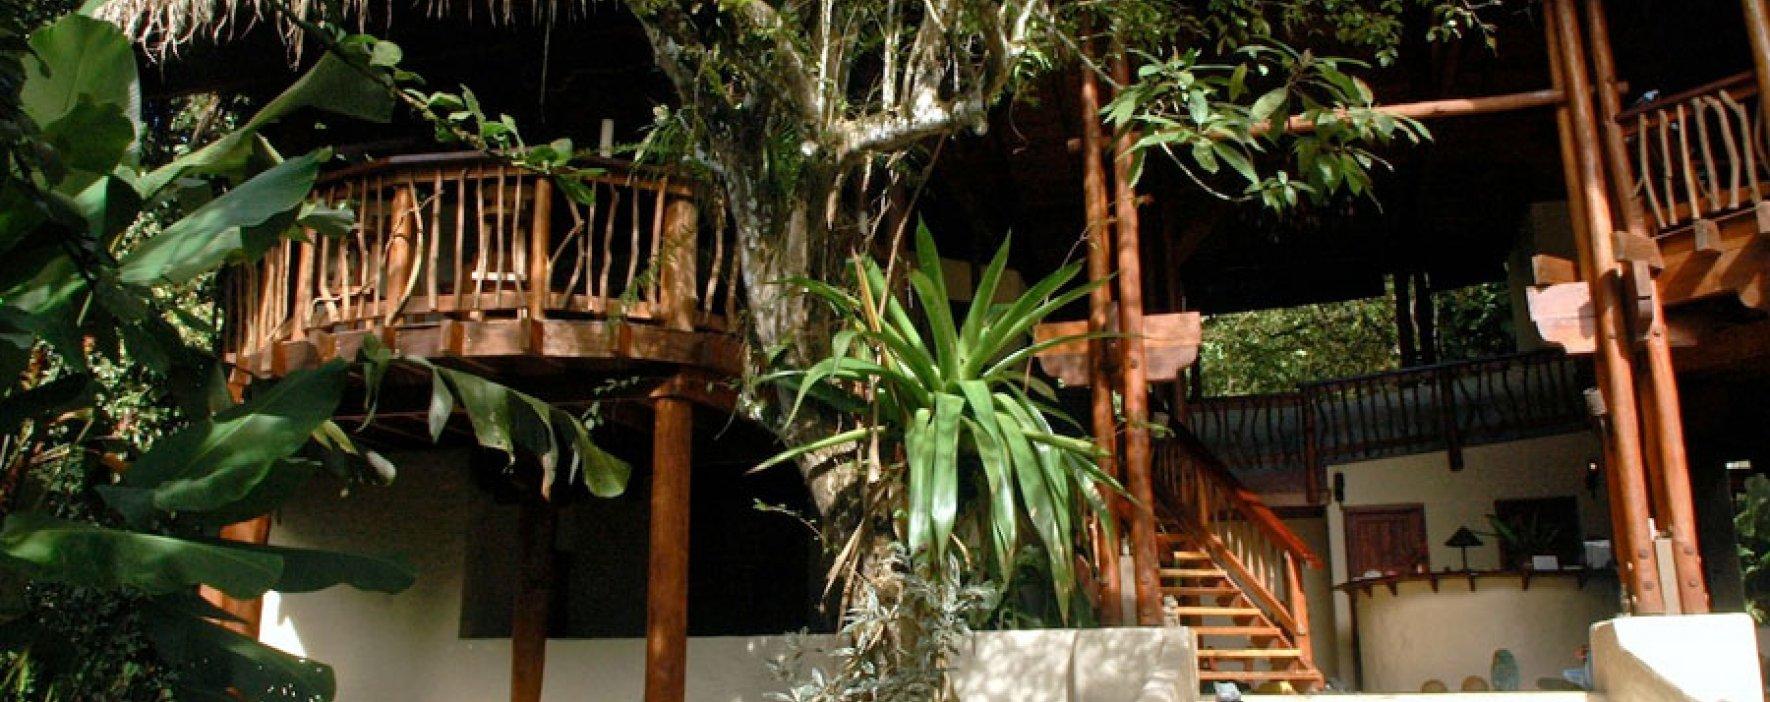 Norma de sostenibilidad para los hoteles